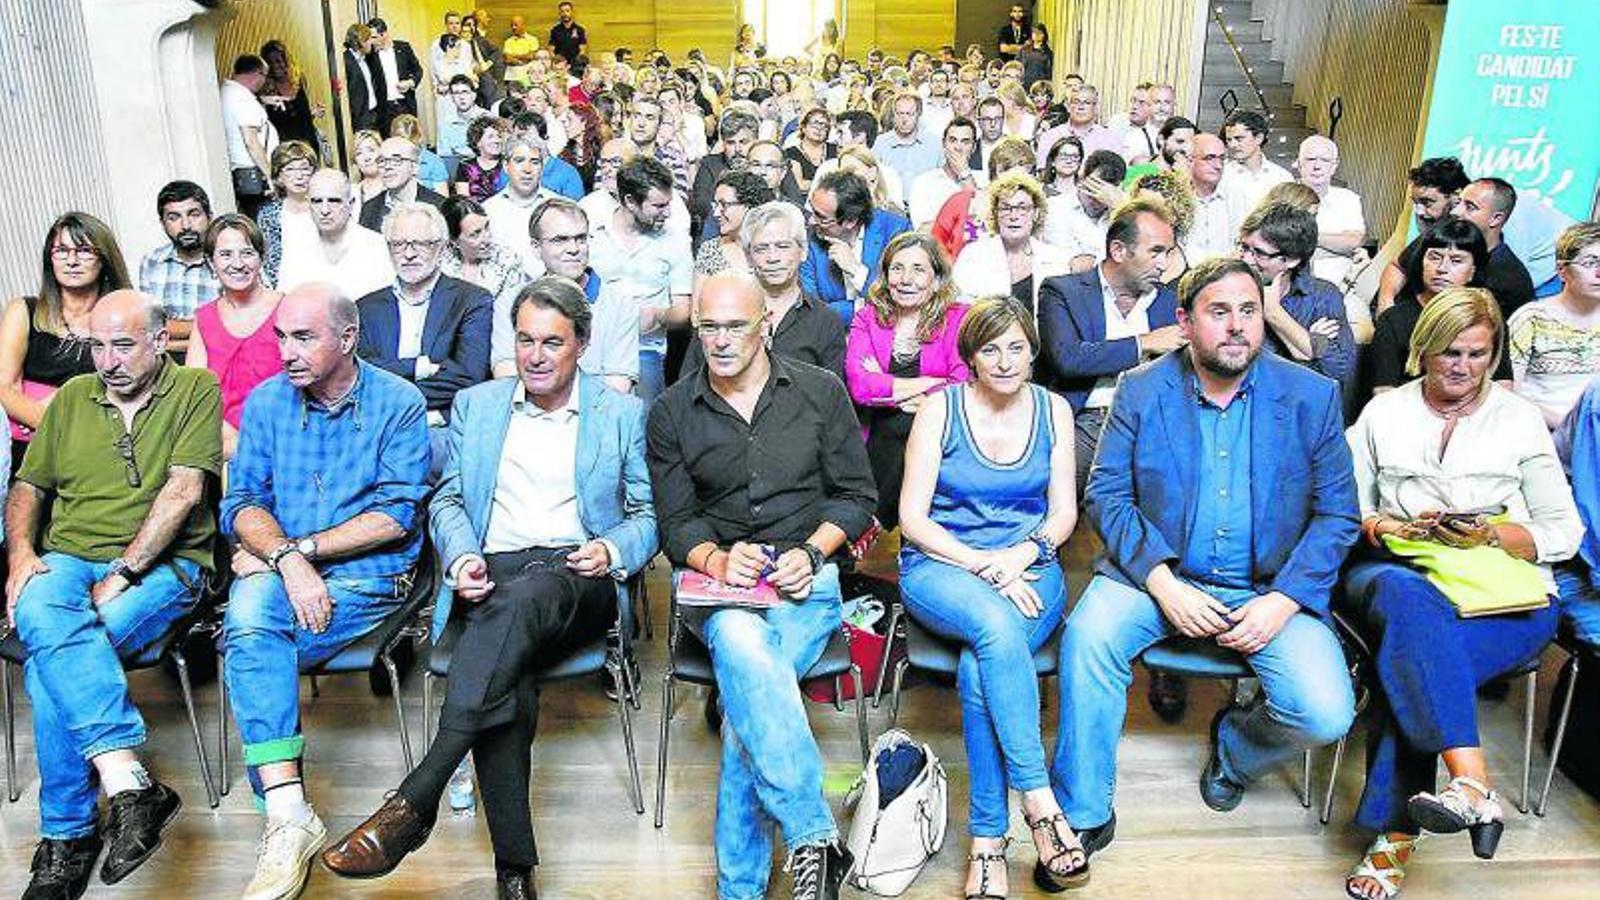 El recinte modernista de l'antic hospital Sant Pau va acollir una sessió de treball dels 135 candidats que integraran les llistes de Junts pel Sí per a les eleccions   Del 27-S.